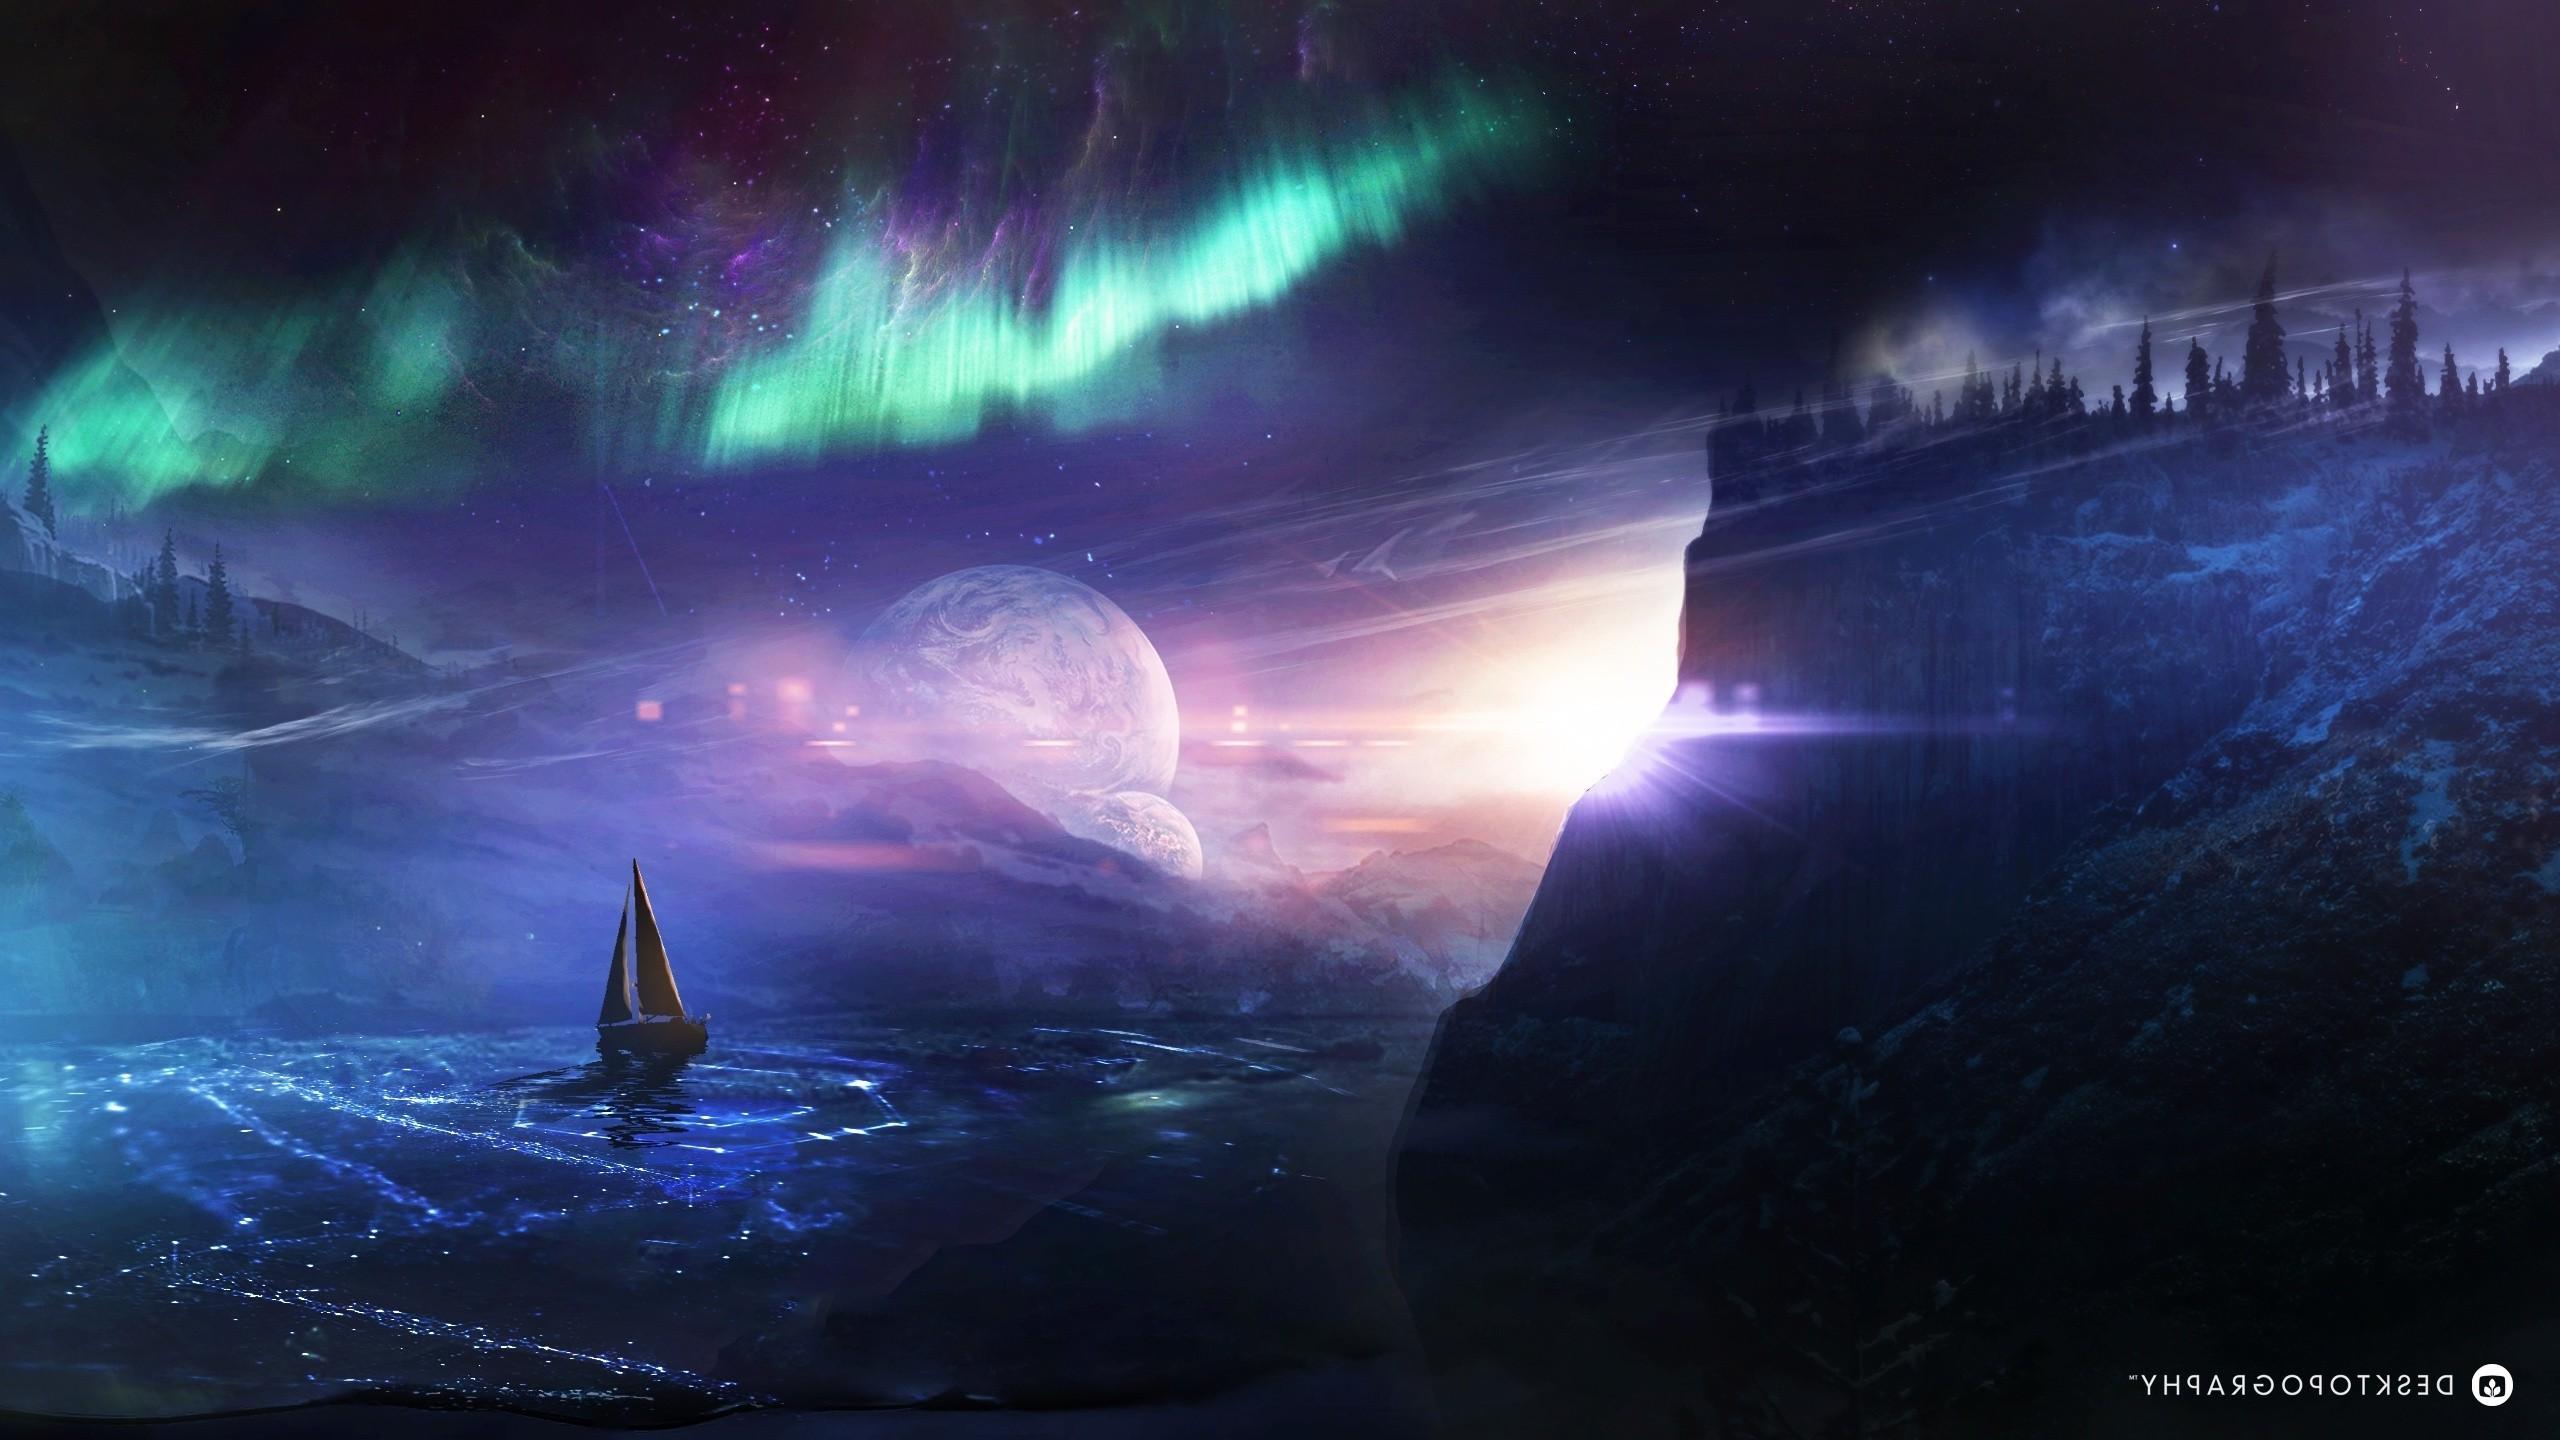 Fond Décran Art Fantastique Espace Terre Atmosphère